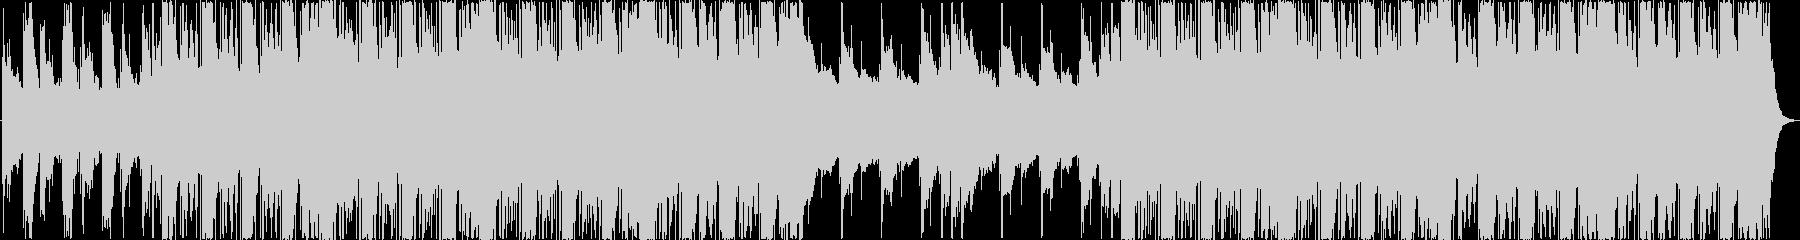 アルペジオが印象的なエレクトロニカBGMの未再生の波形